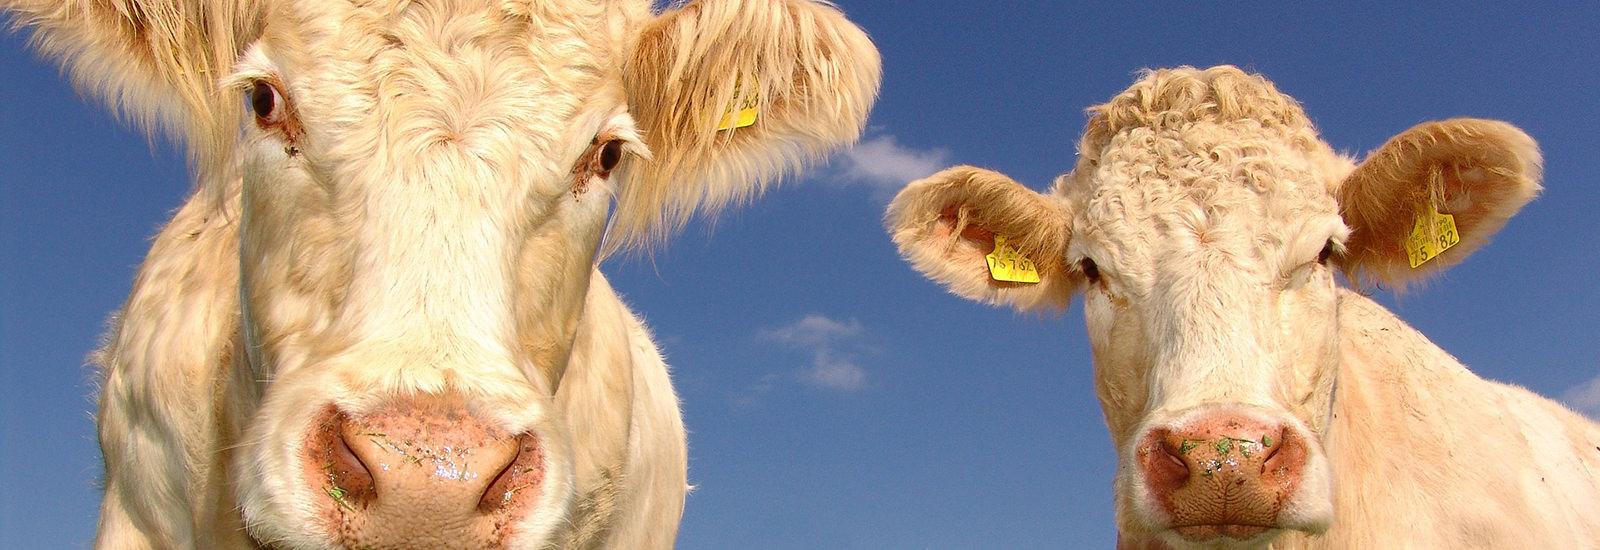 Tierschutz in der Landwirtschaft